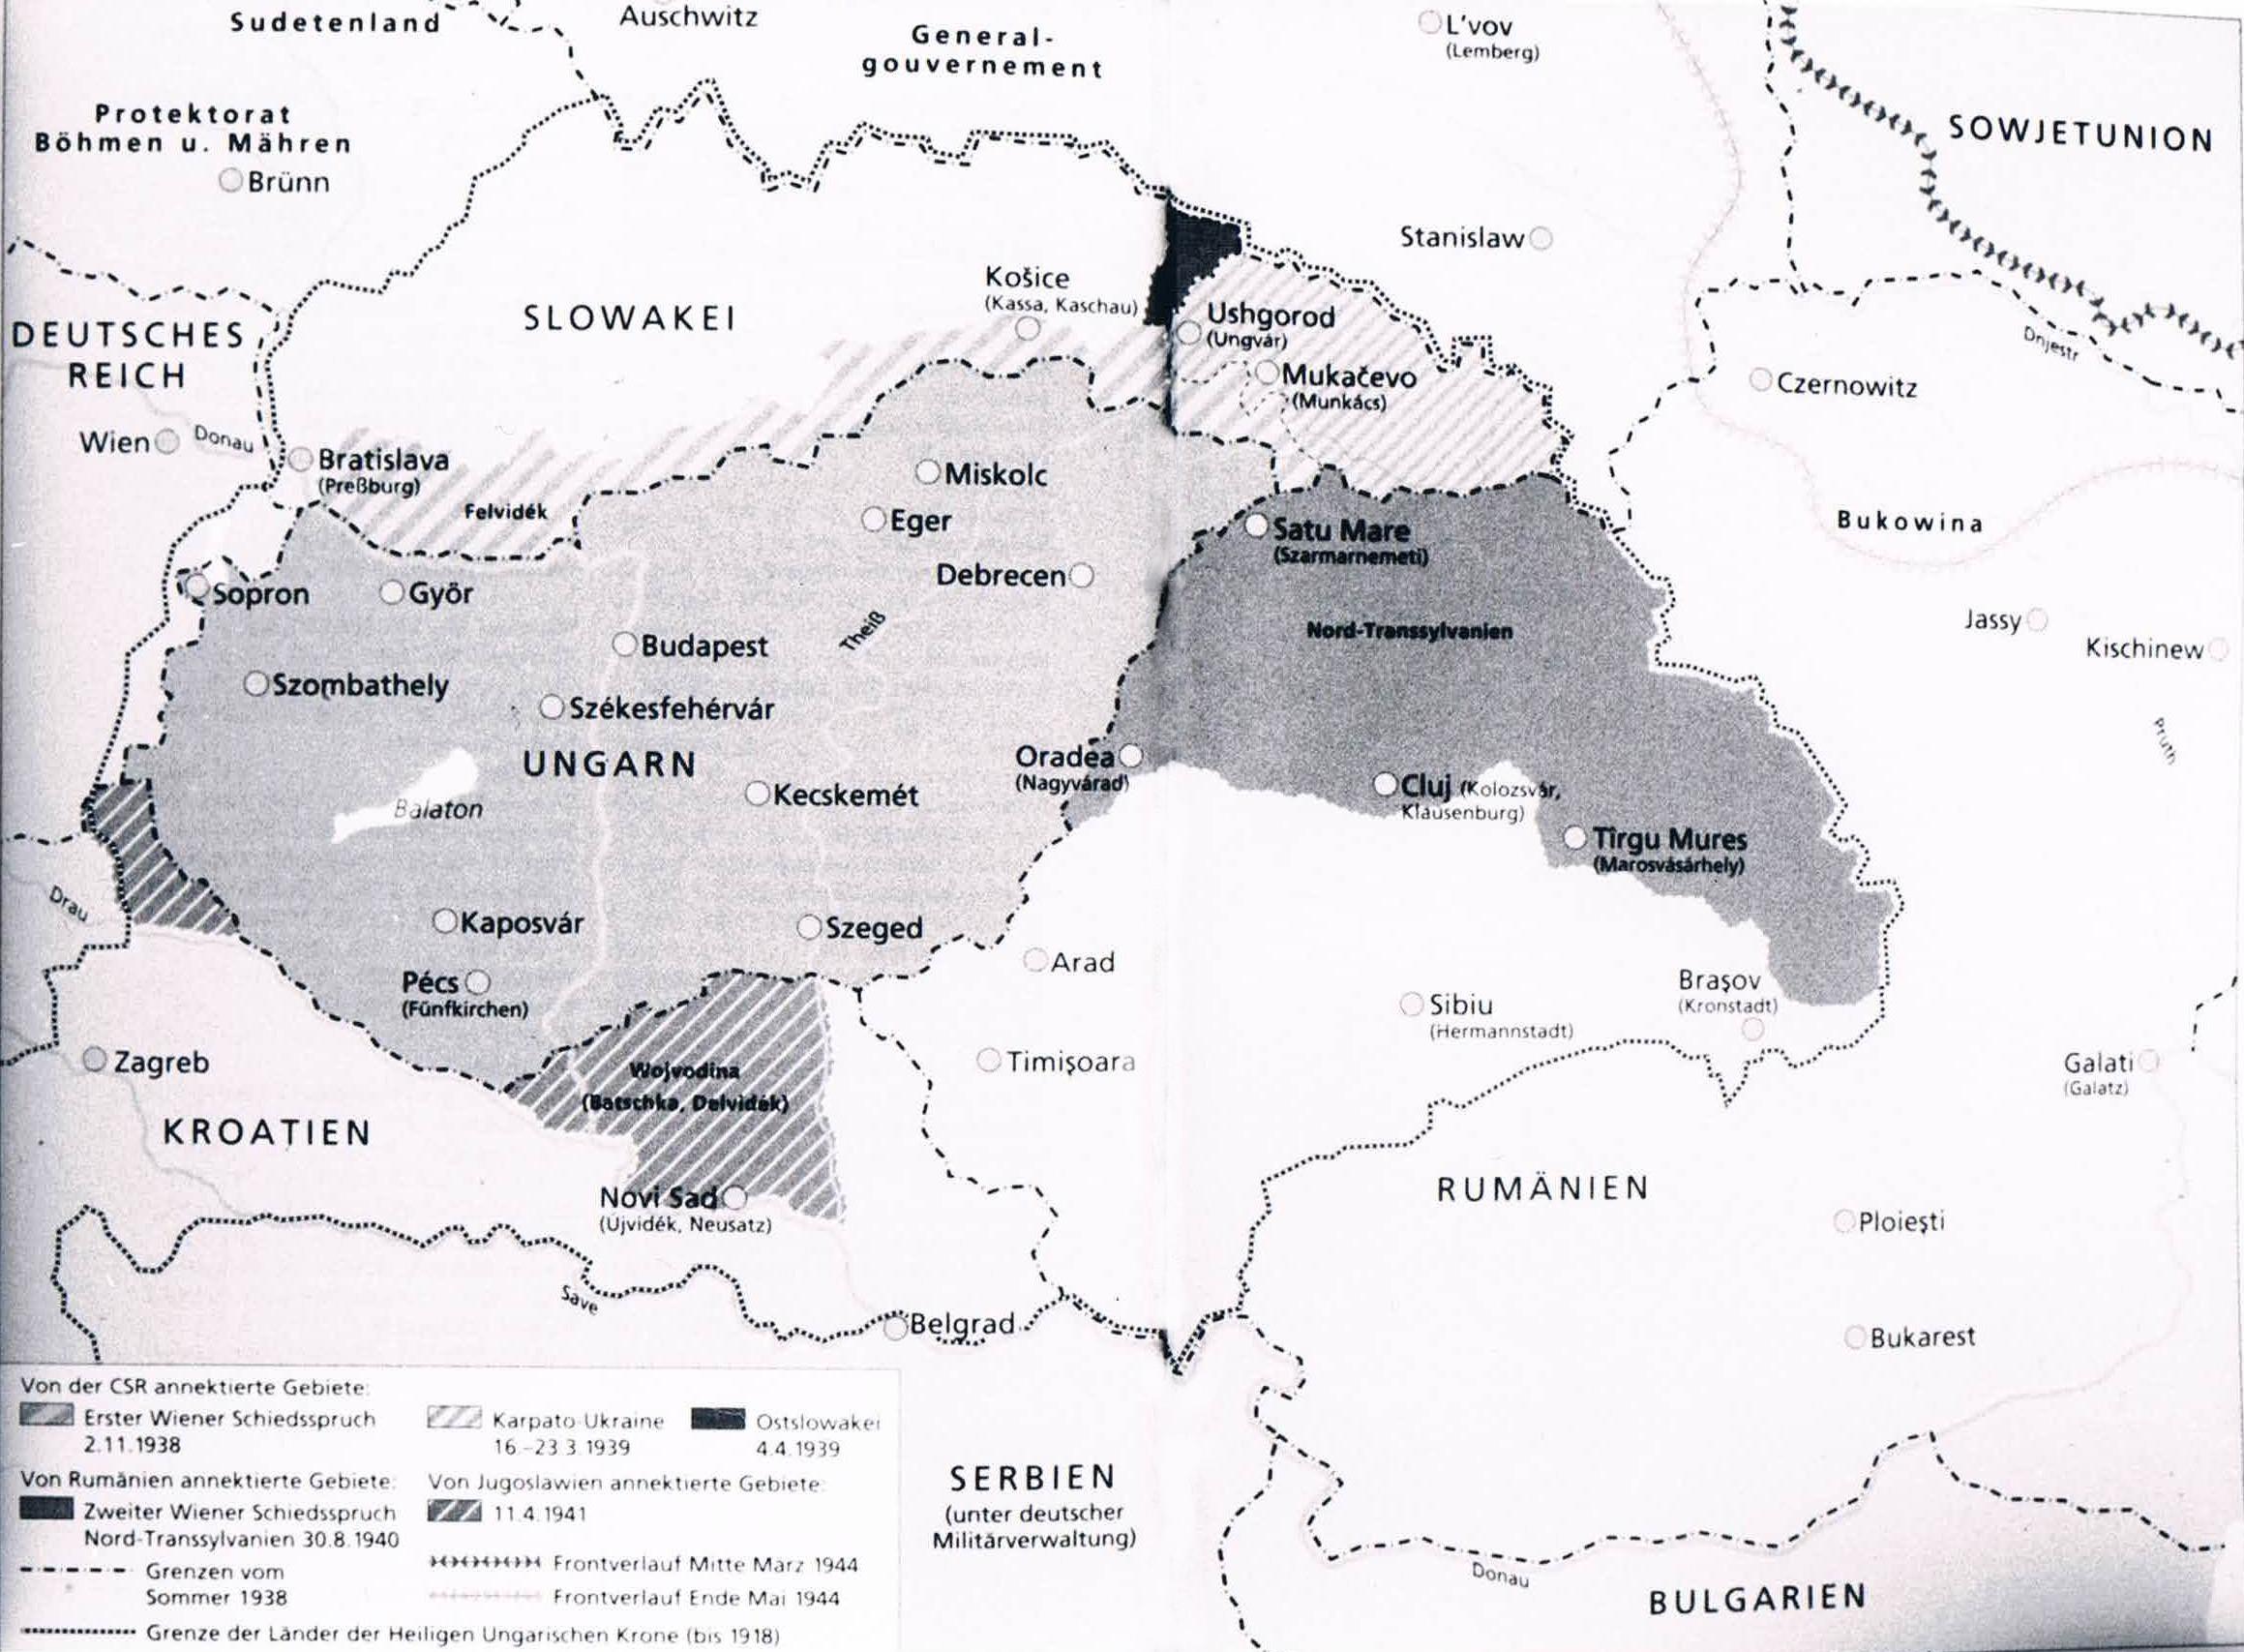 Landkarte mit ehemaligen ungarischen Gebieten Quelle: Chr. Gerlach: Das letzte Kapitel, Deutsche Verlags-Anstalt, 2002, S. 482-483.